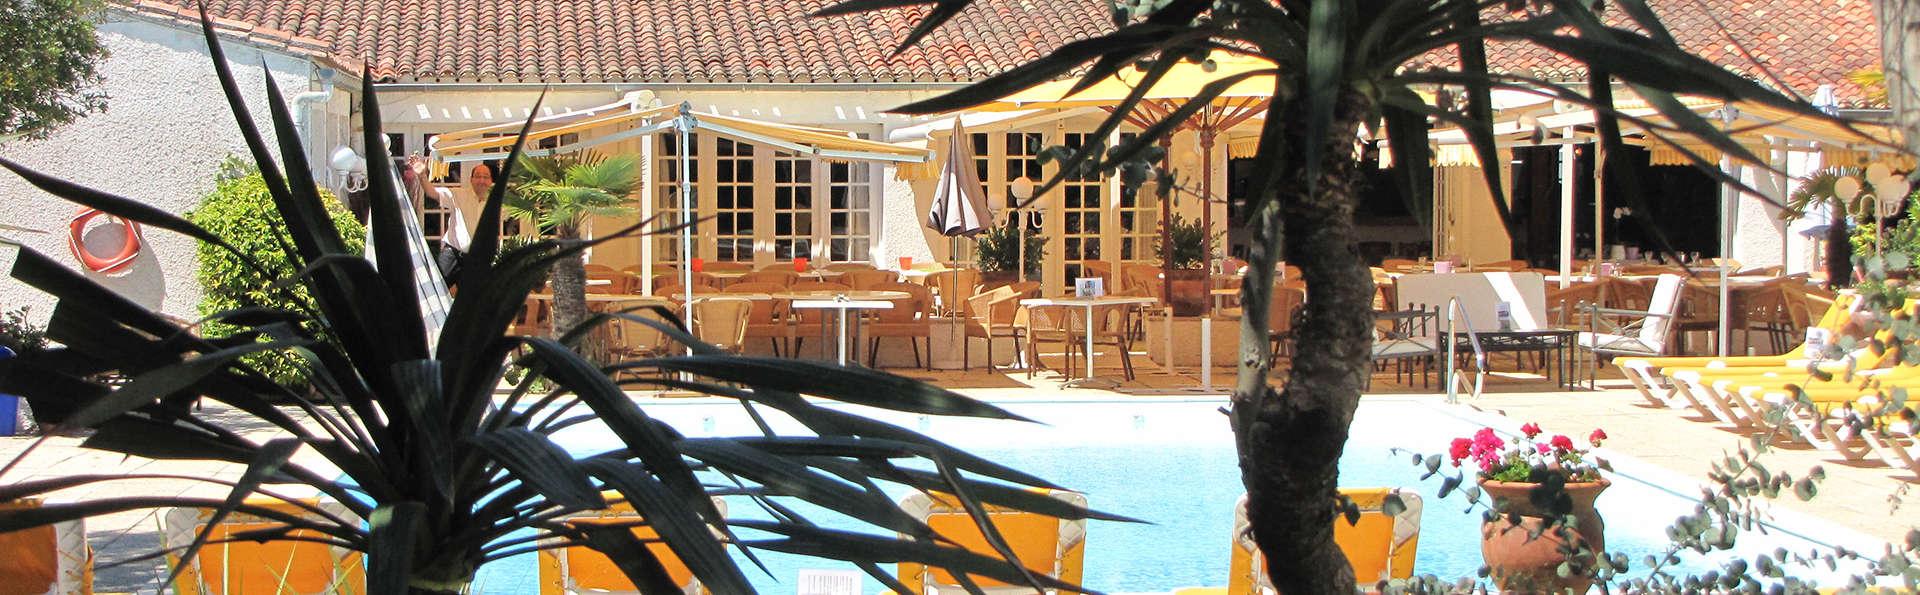 Hôtel Restaurant Les Gollandières - Edit_View.jpg